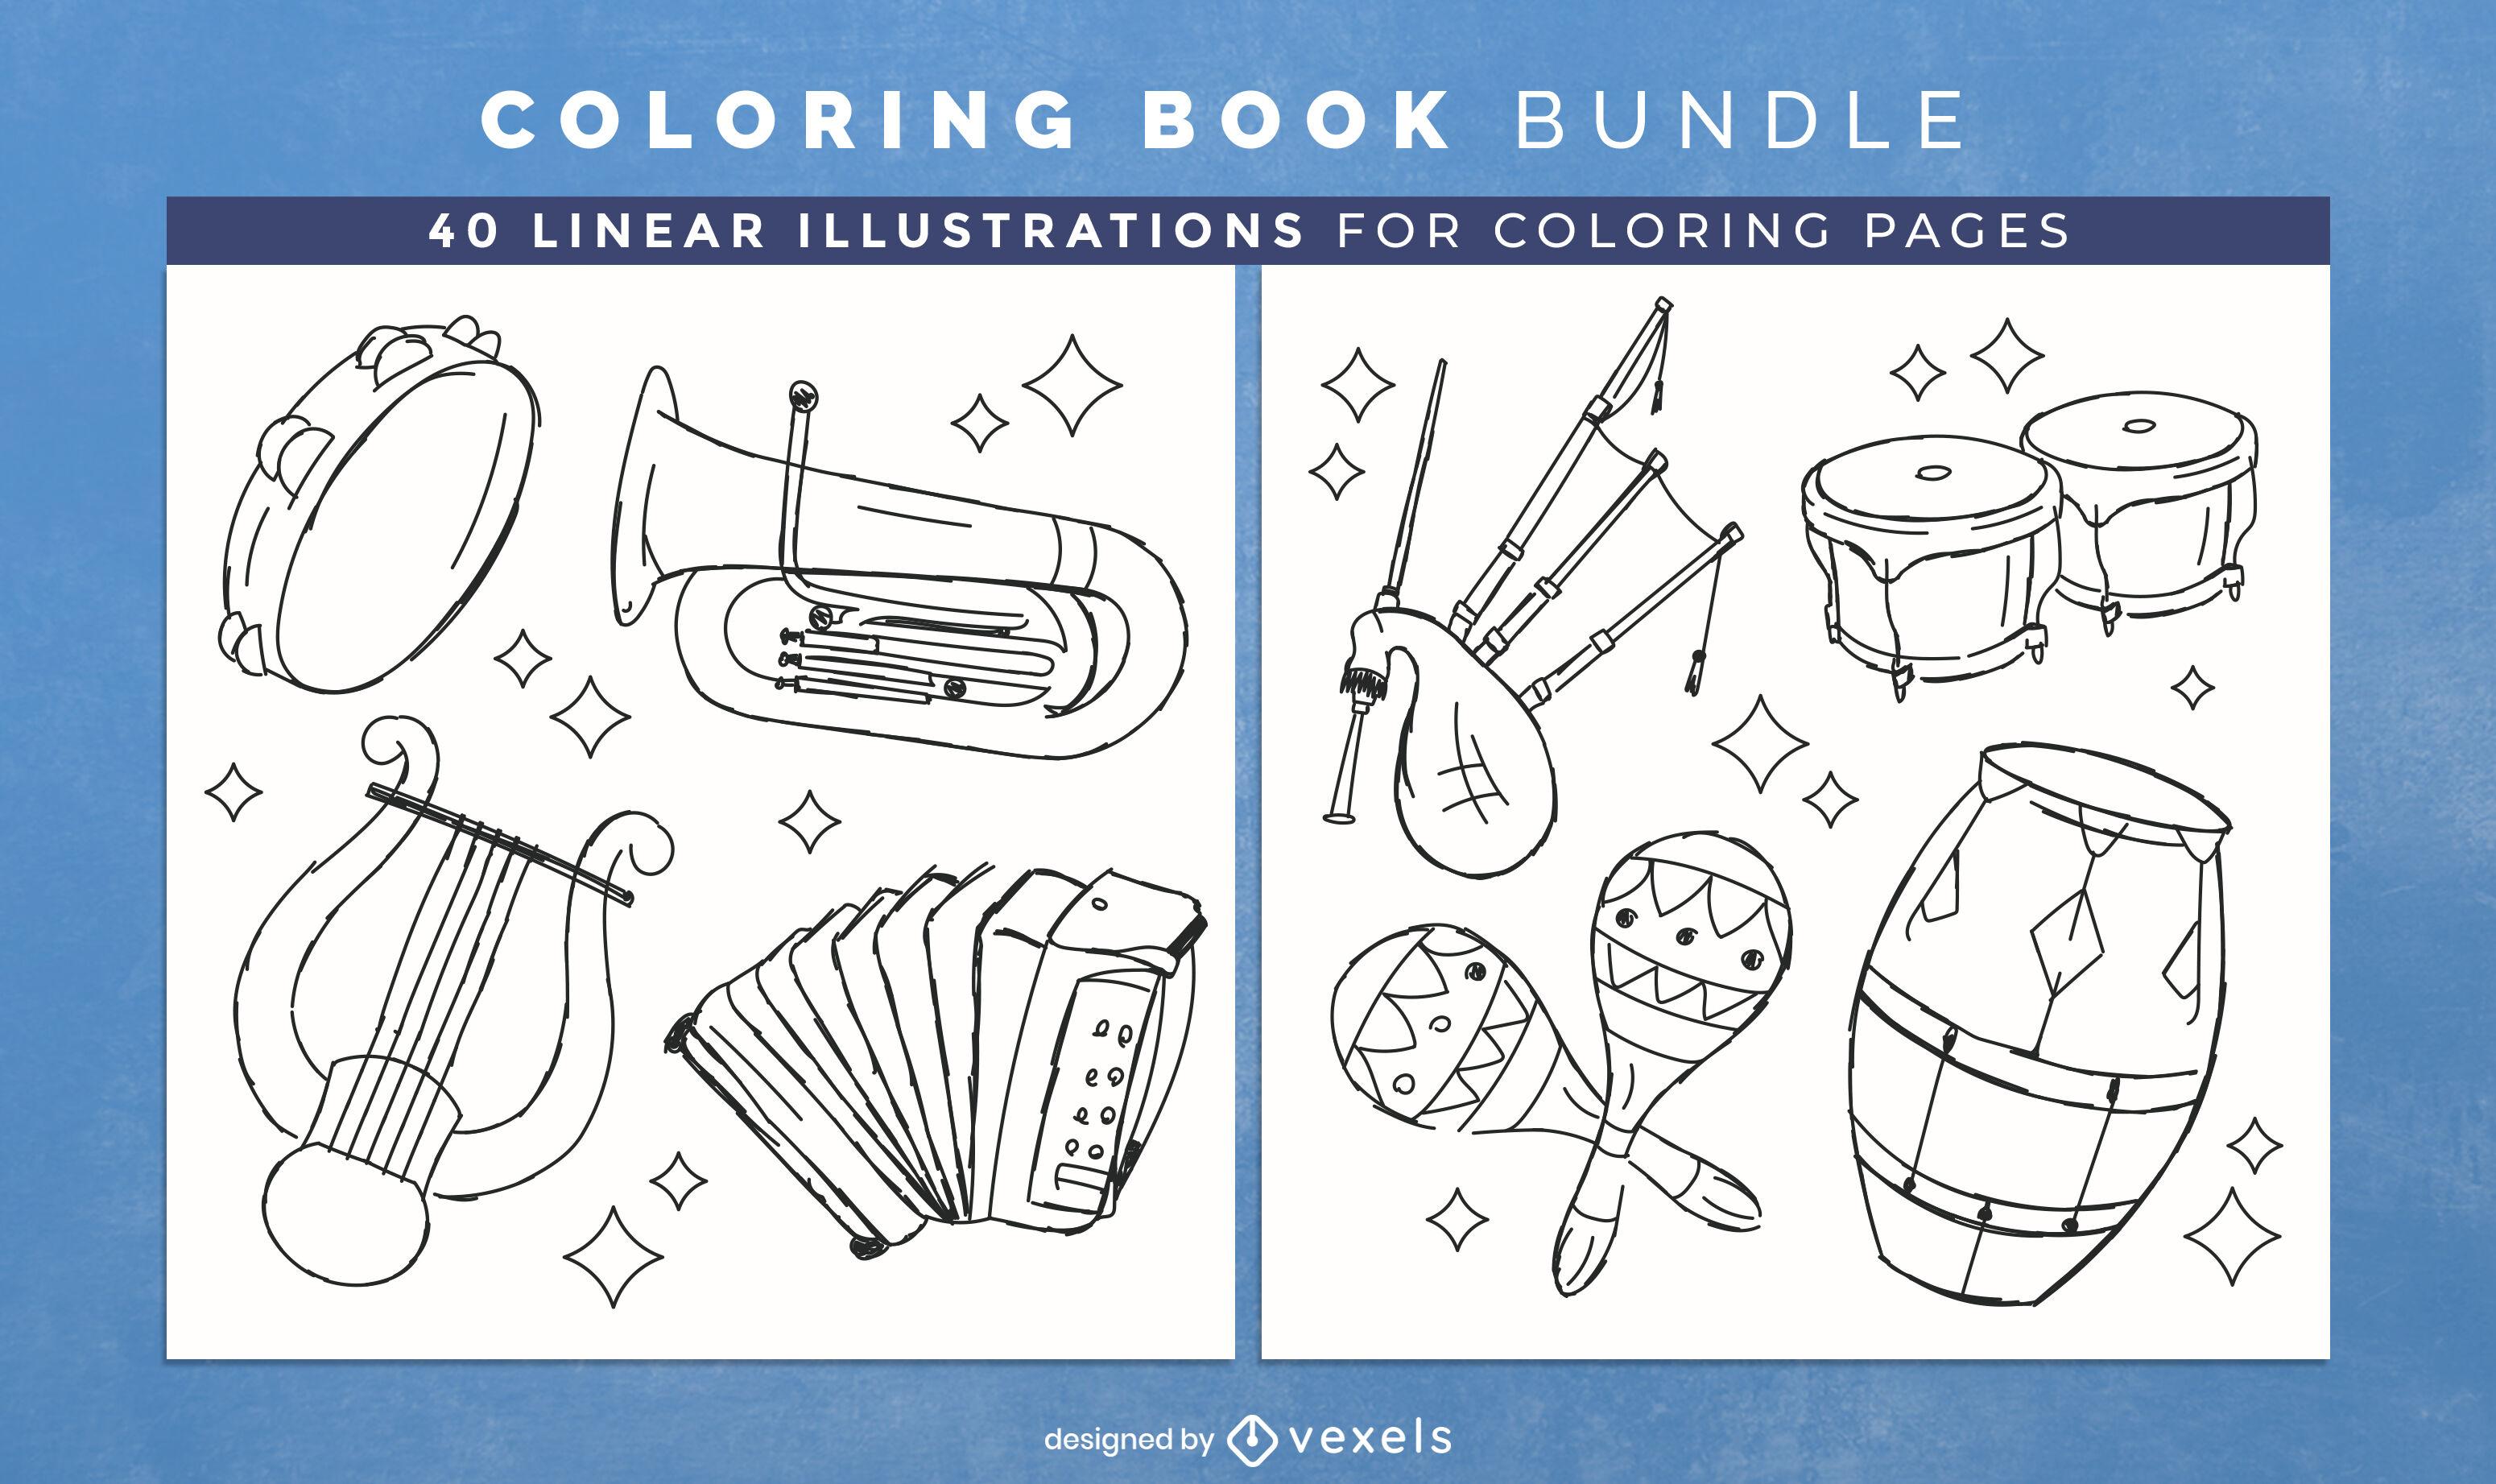 Instrumentos musicales libro para colorear dise?o de interiores